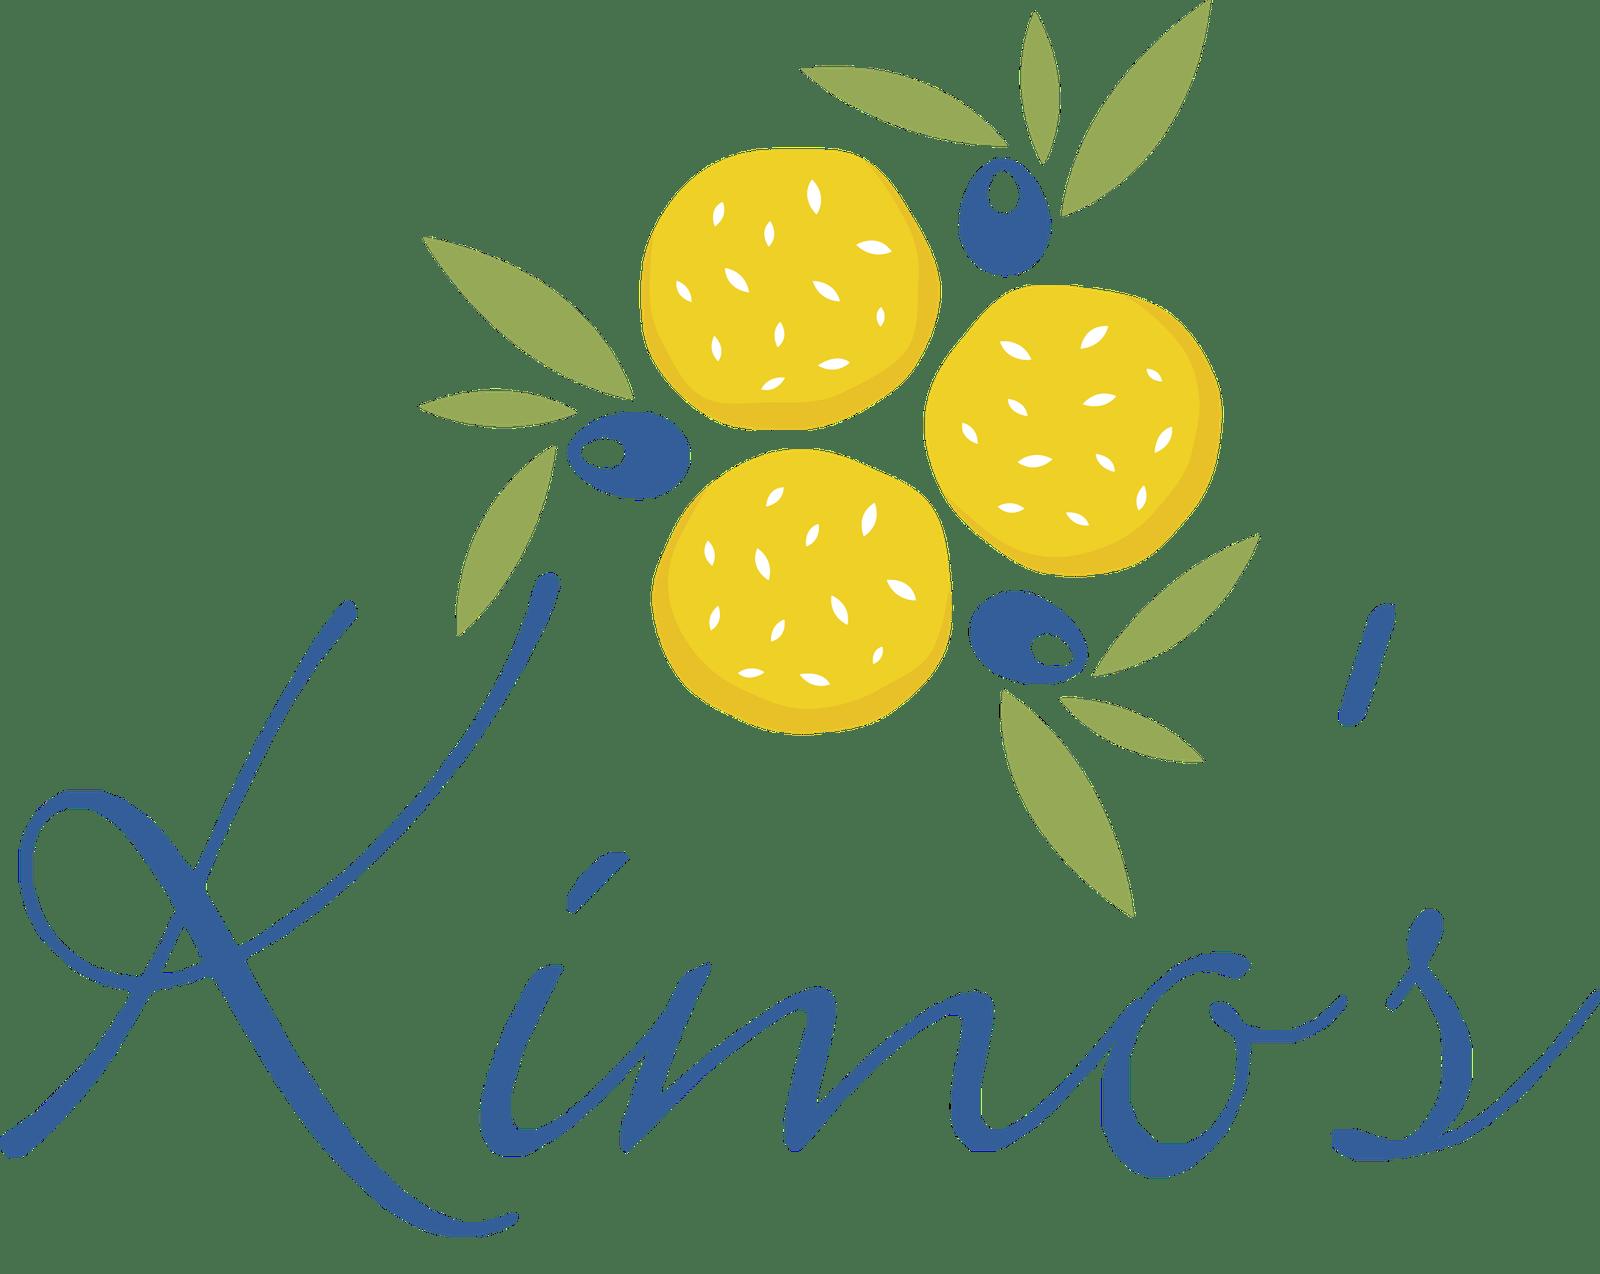 Kimo's Logo